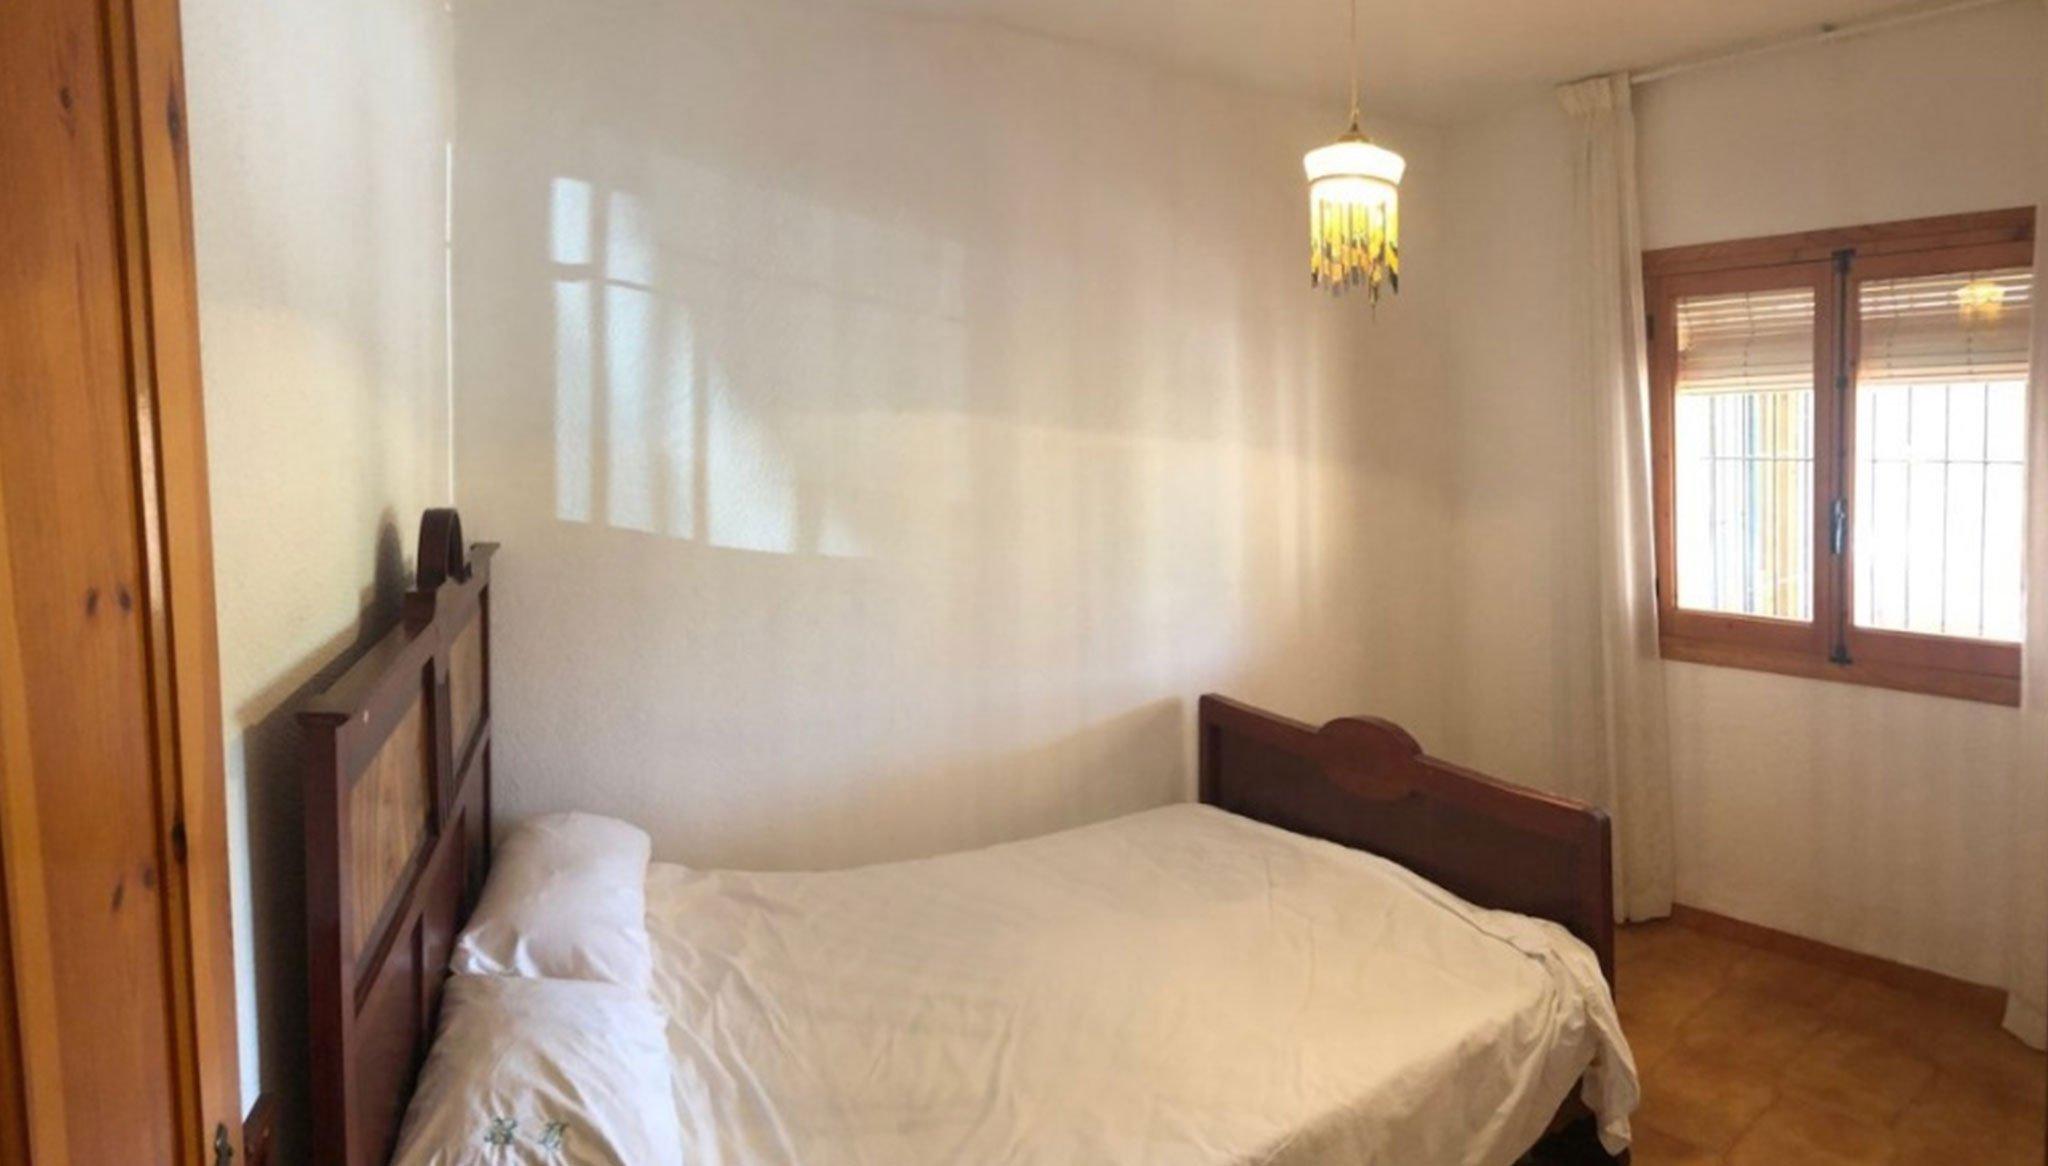 Habitación de un chalet en venta en Gata de Gorgos – Terramar Costa Blanca